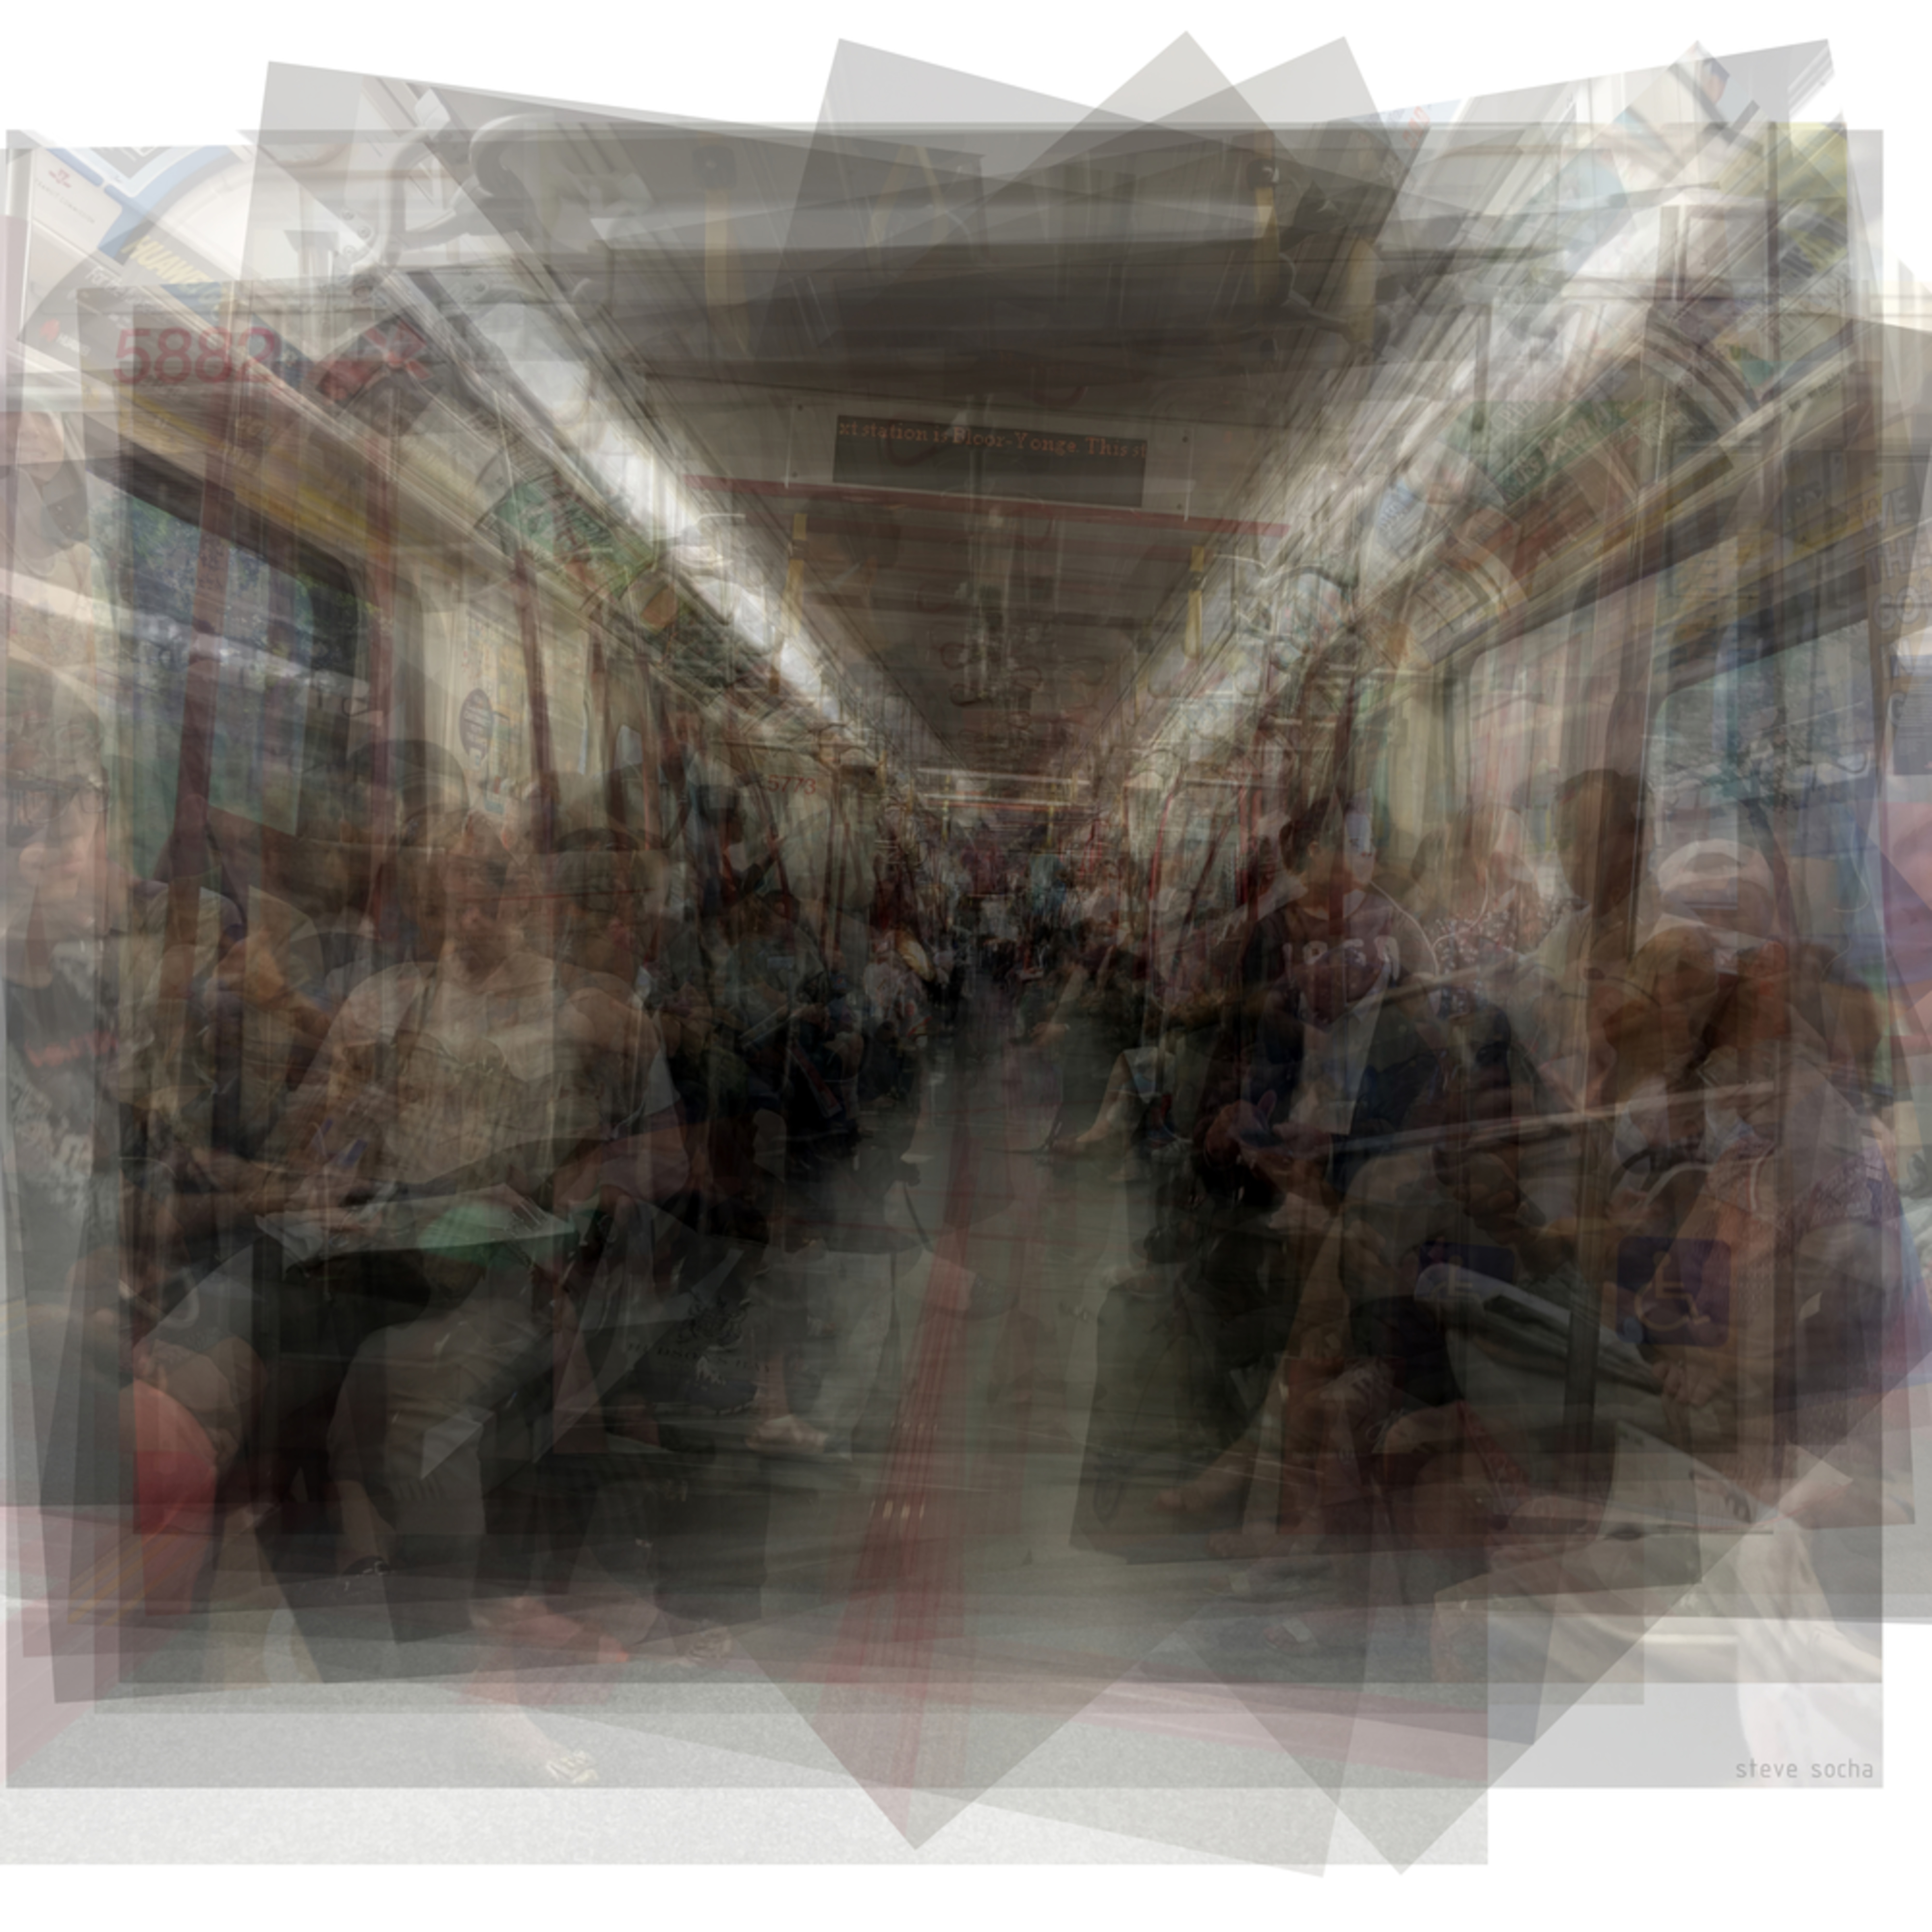 Subway inside2 tw6gdd